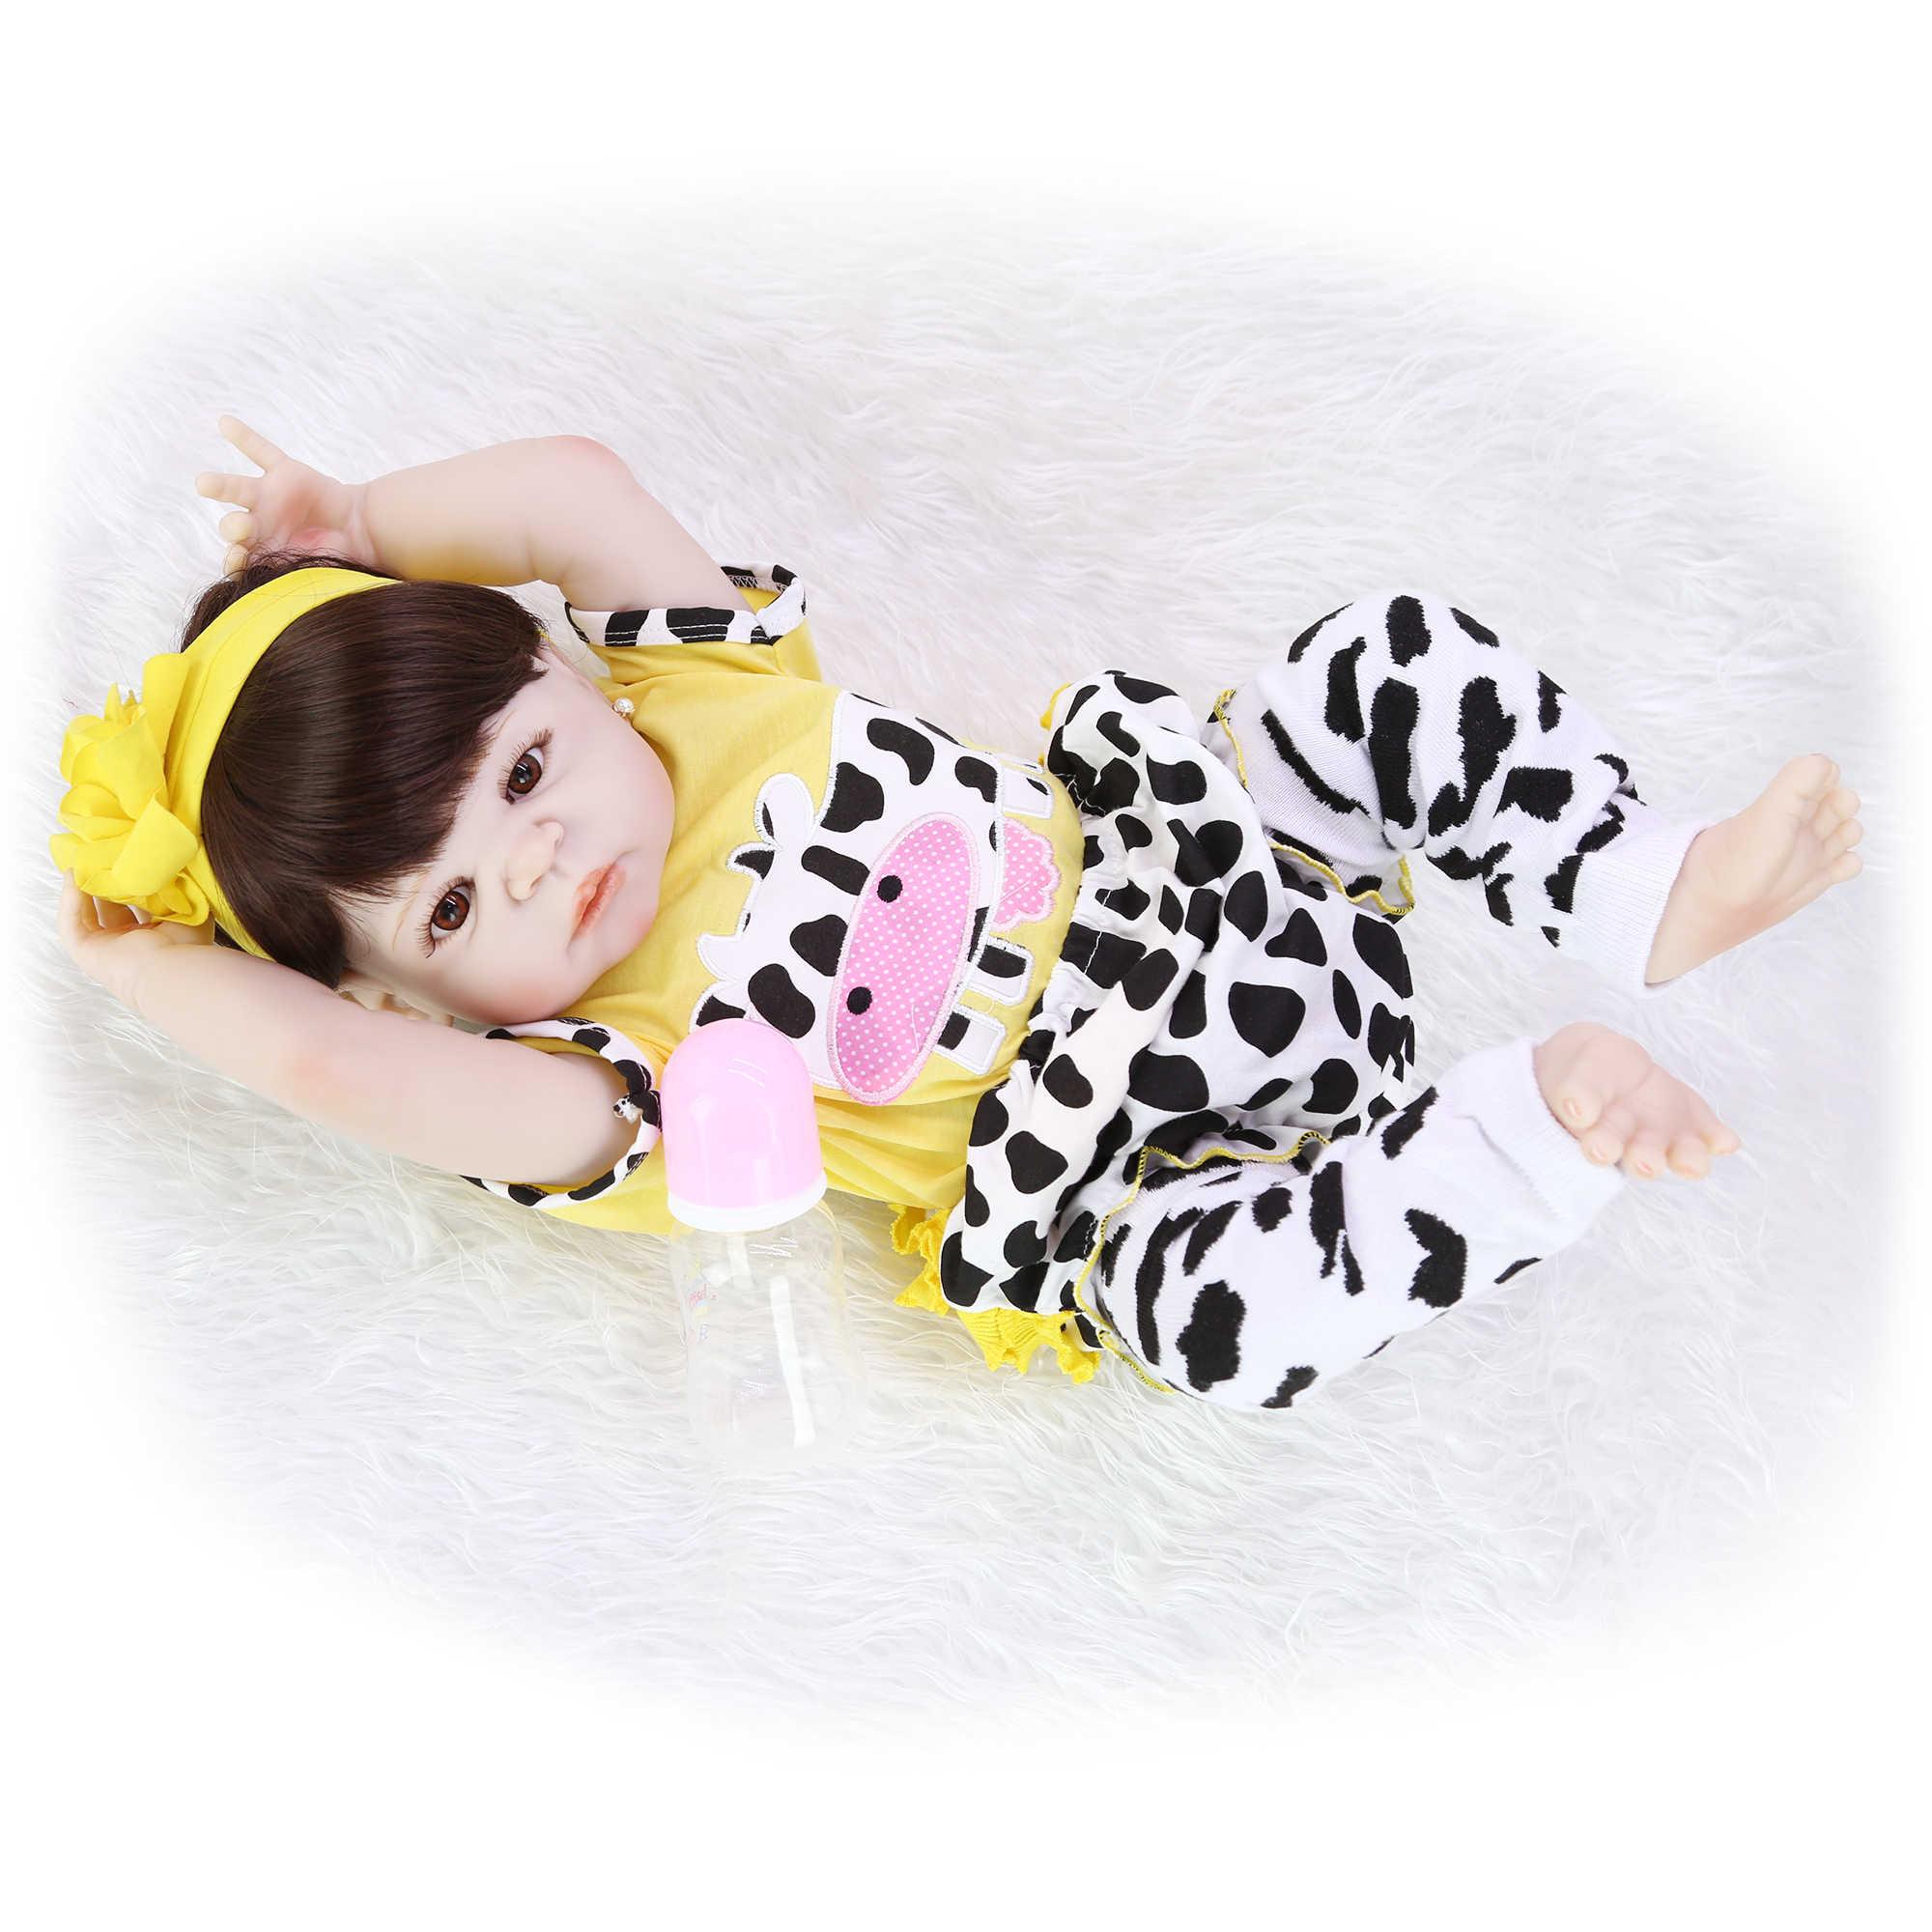 Коллекционные 23 ''57 см Reborn Baby Dolls полное виниловое тело реалистичные, как девушка живой кукла в Бразилии ребенок малыш игрушки в подарок на день рождения